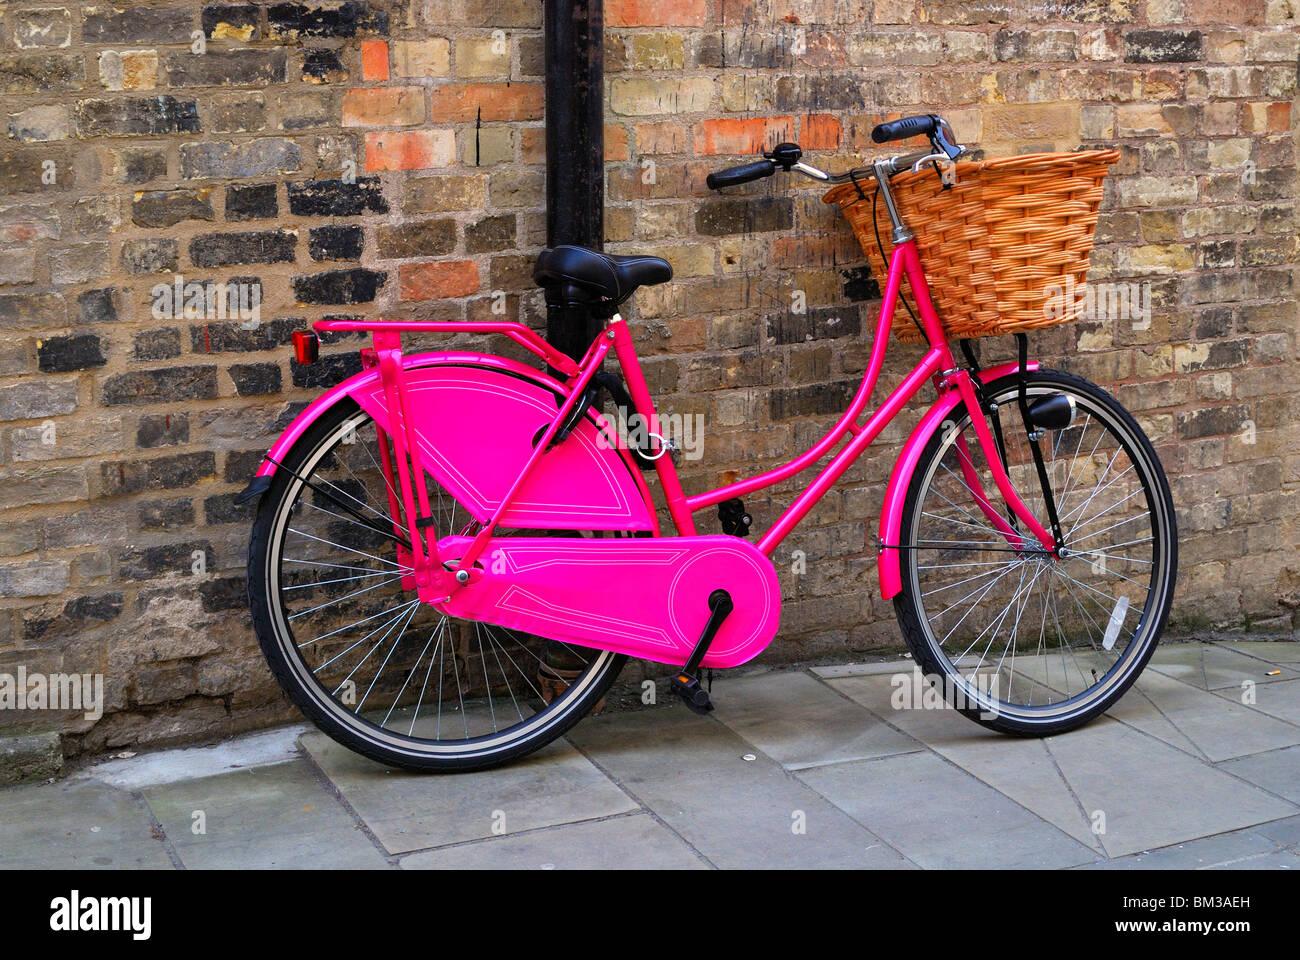 Bicicletta Rosa Spingere Bike Foto Immagine Stock 29577593 Alamy